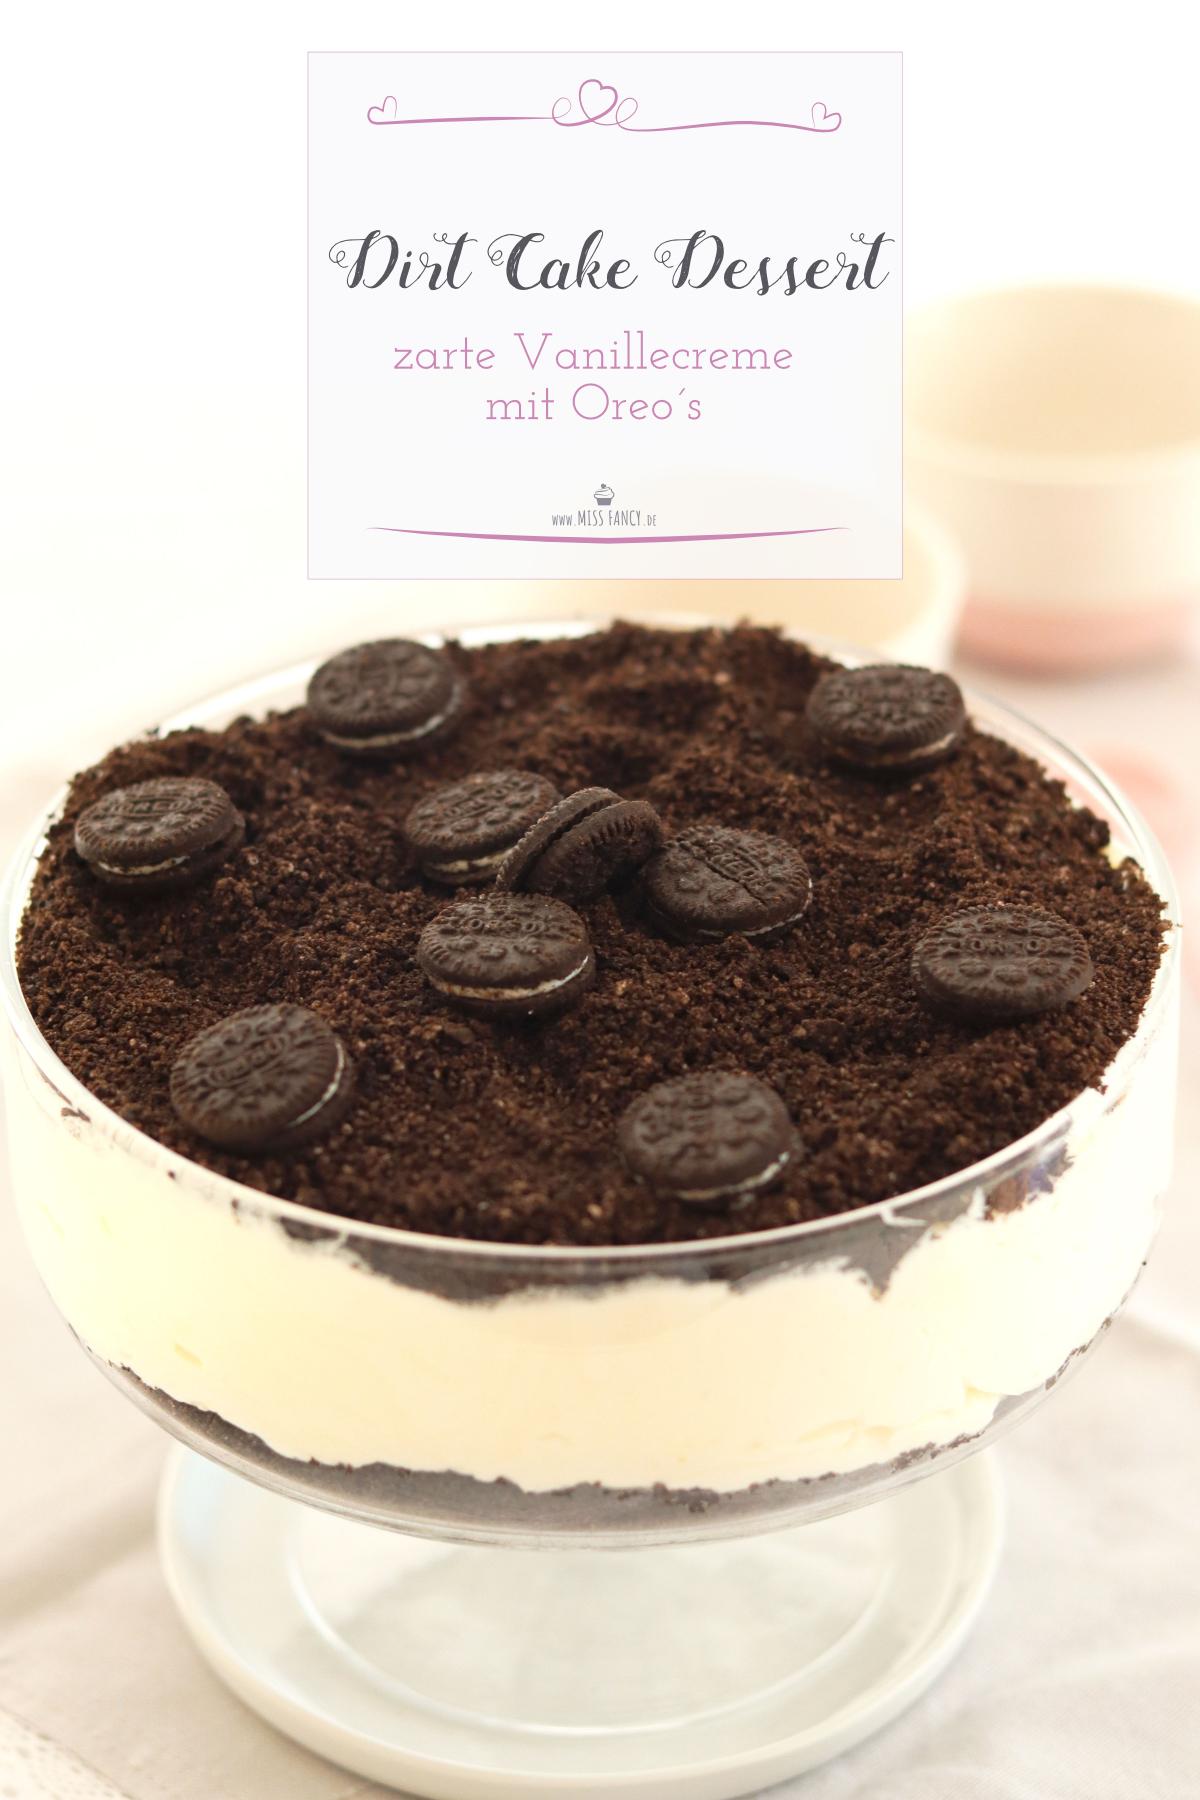 Tolles Nachtischrezept Dirt Cake Dessert aus Vanille Frischkäsecreme und Oreo Keksen